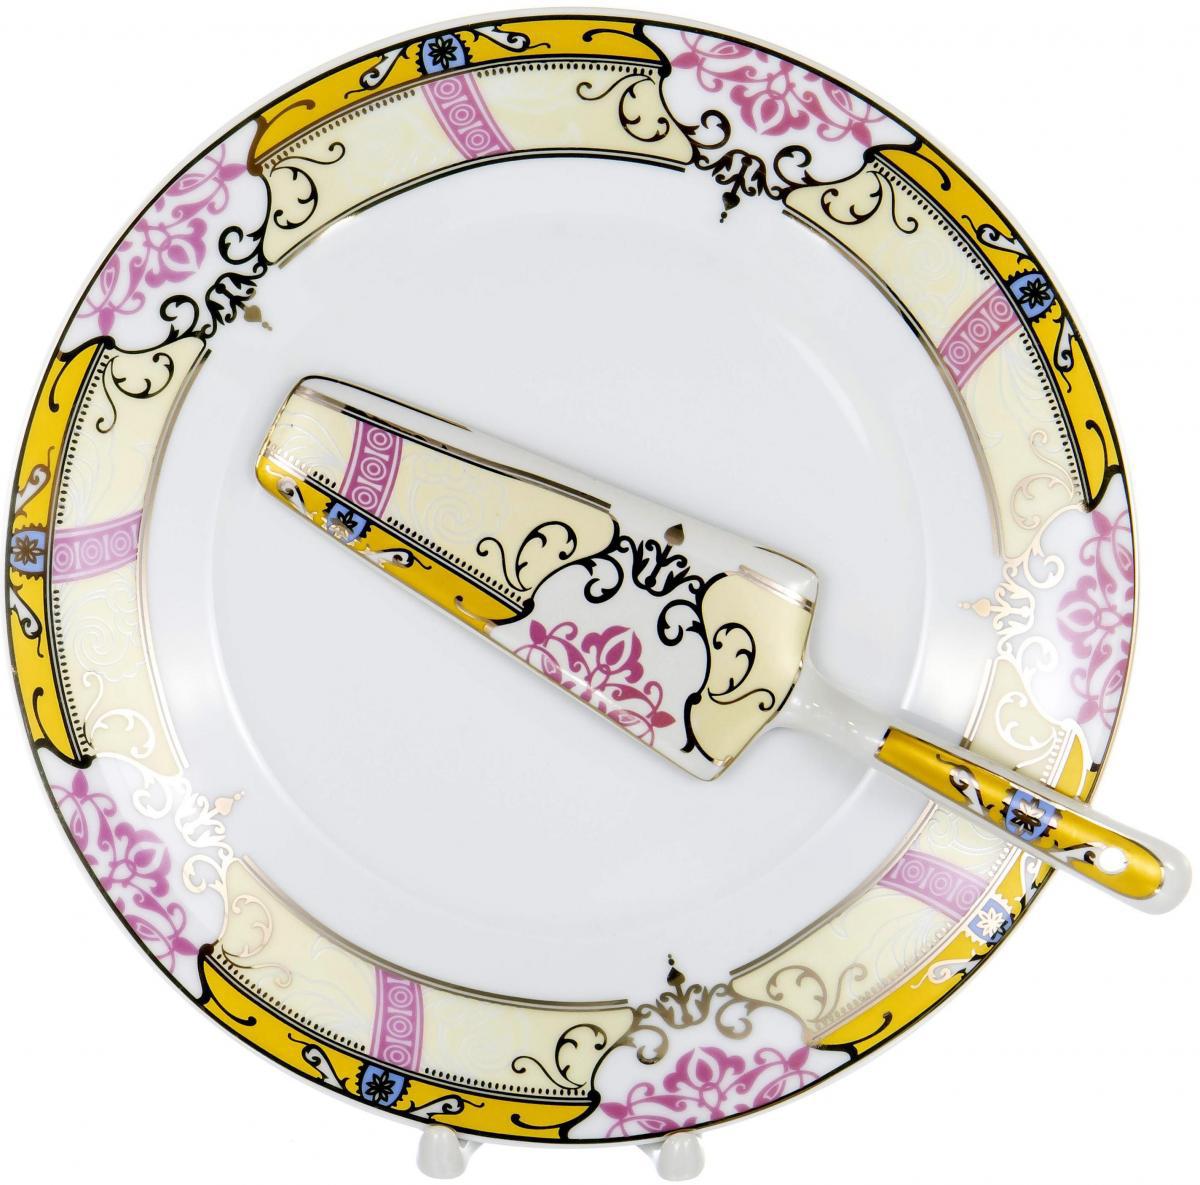 Набор для торта Olaff, 2 предмета. LRG-CPN2-004LRG-CPN2-004Набор для торта Olaff состоит из блюда и лопатки. Изделия выполнены из керамики и оформлены изящным рисунком. Набор идеален для подачи тортов, пирогов и другой выпечки. Яркий дизайн сделает набор изысканным украшением праздничного стола.В наборе: тарелка диаметром 25,5 см и лопатка.